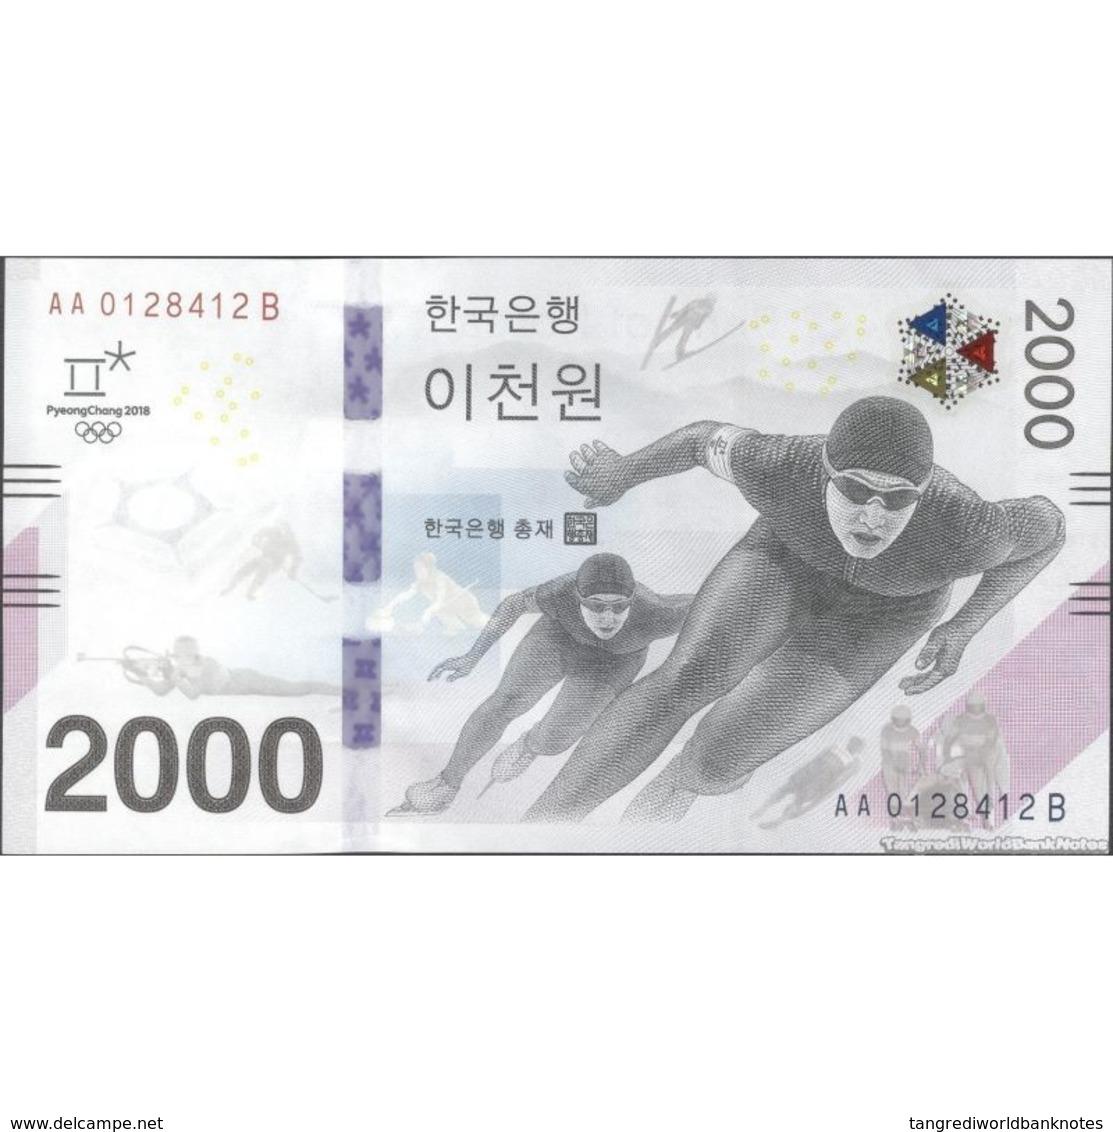 TWN - SOUTH KOREA NEW - 2000 2.000 Won 2018 Winter Olympic Games Pyeong Chang 2018 - AA XXXXXXX B UNC - Korea, South